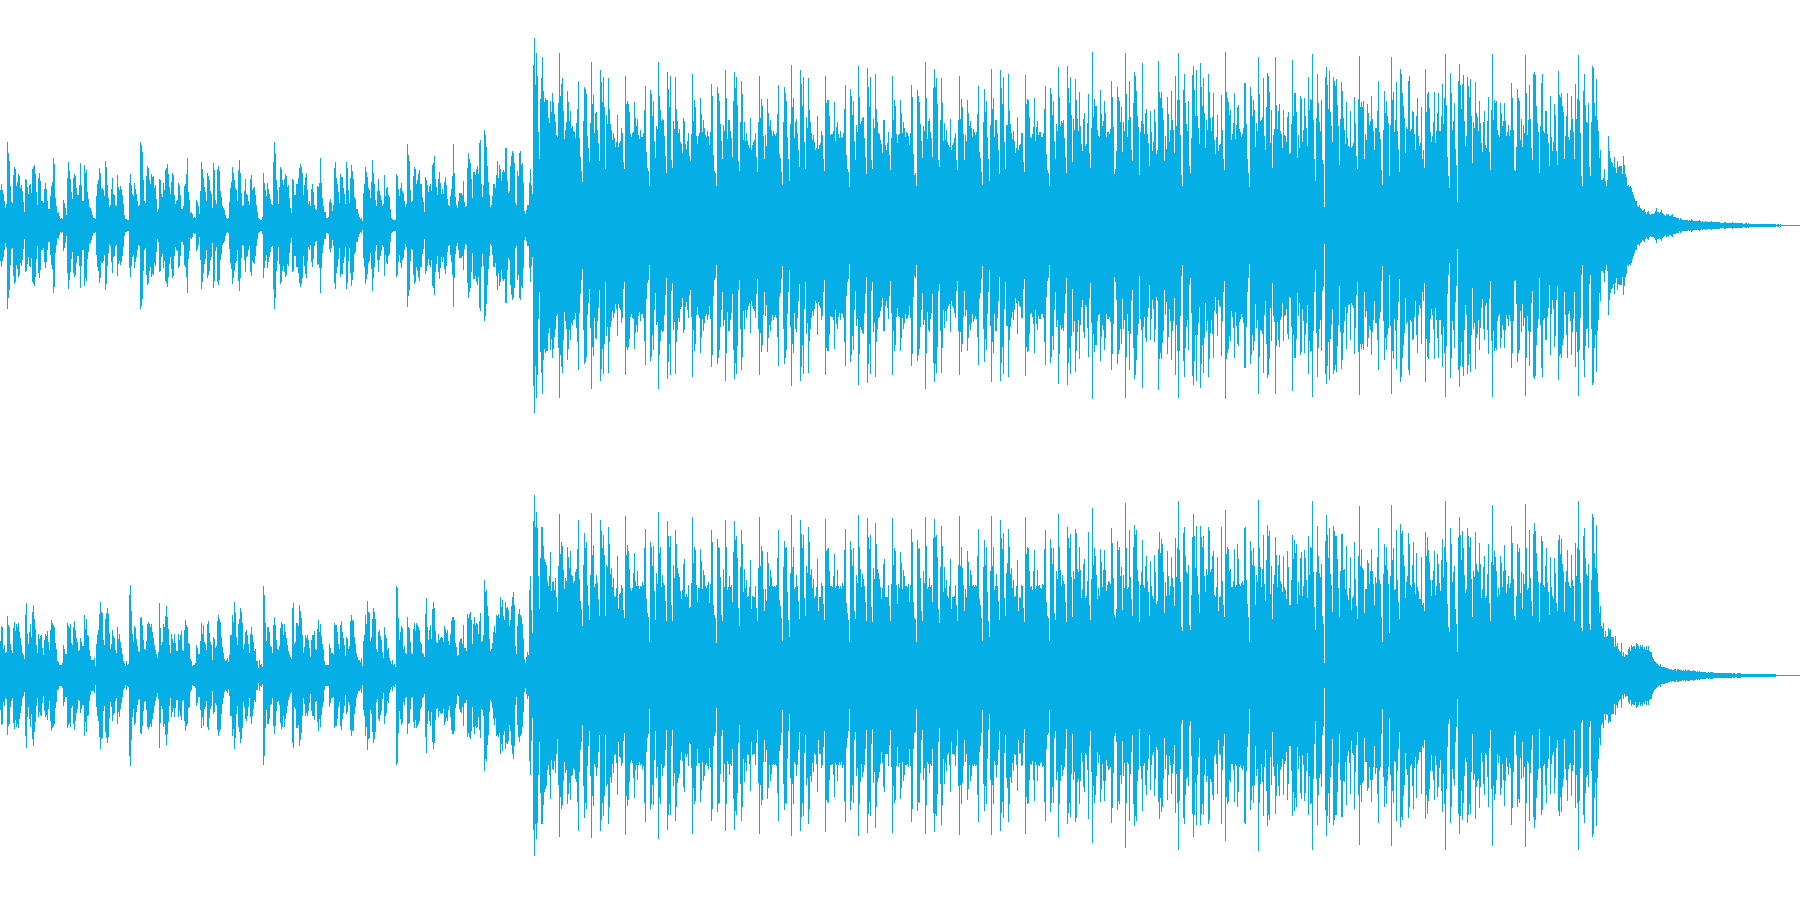 アーバン、ミニマリスト、シンプル。...の再生済みの波形